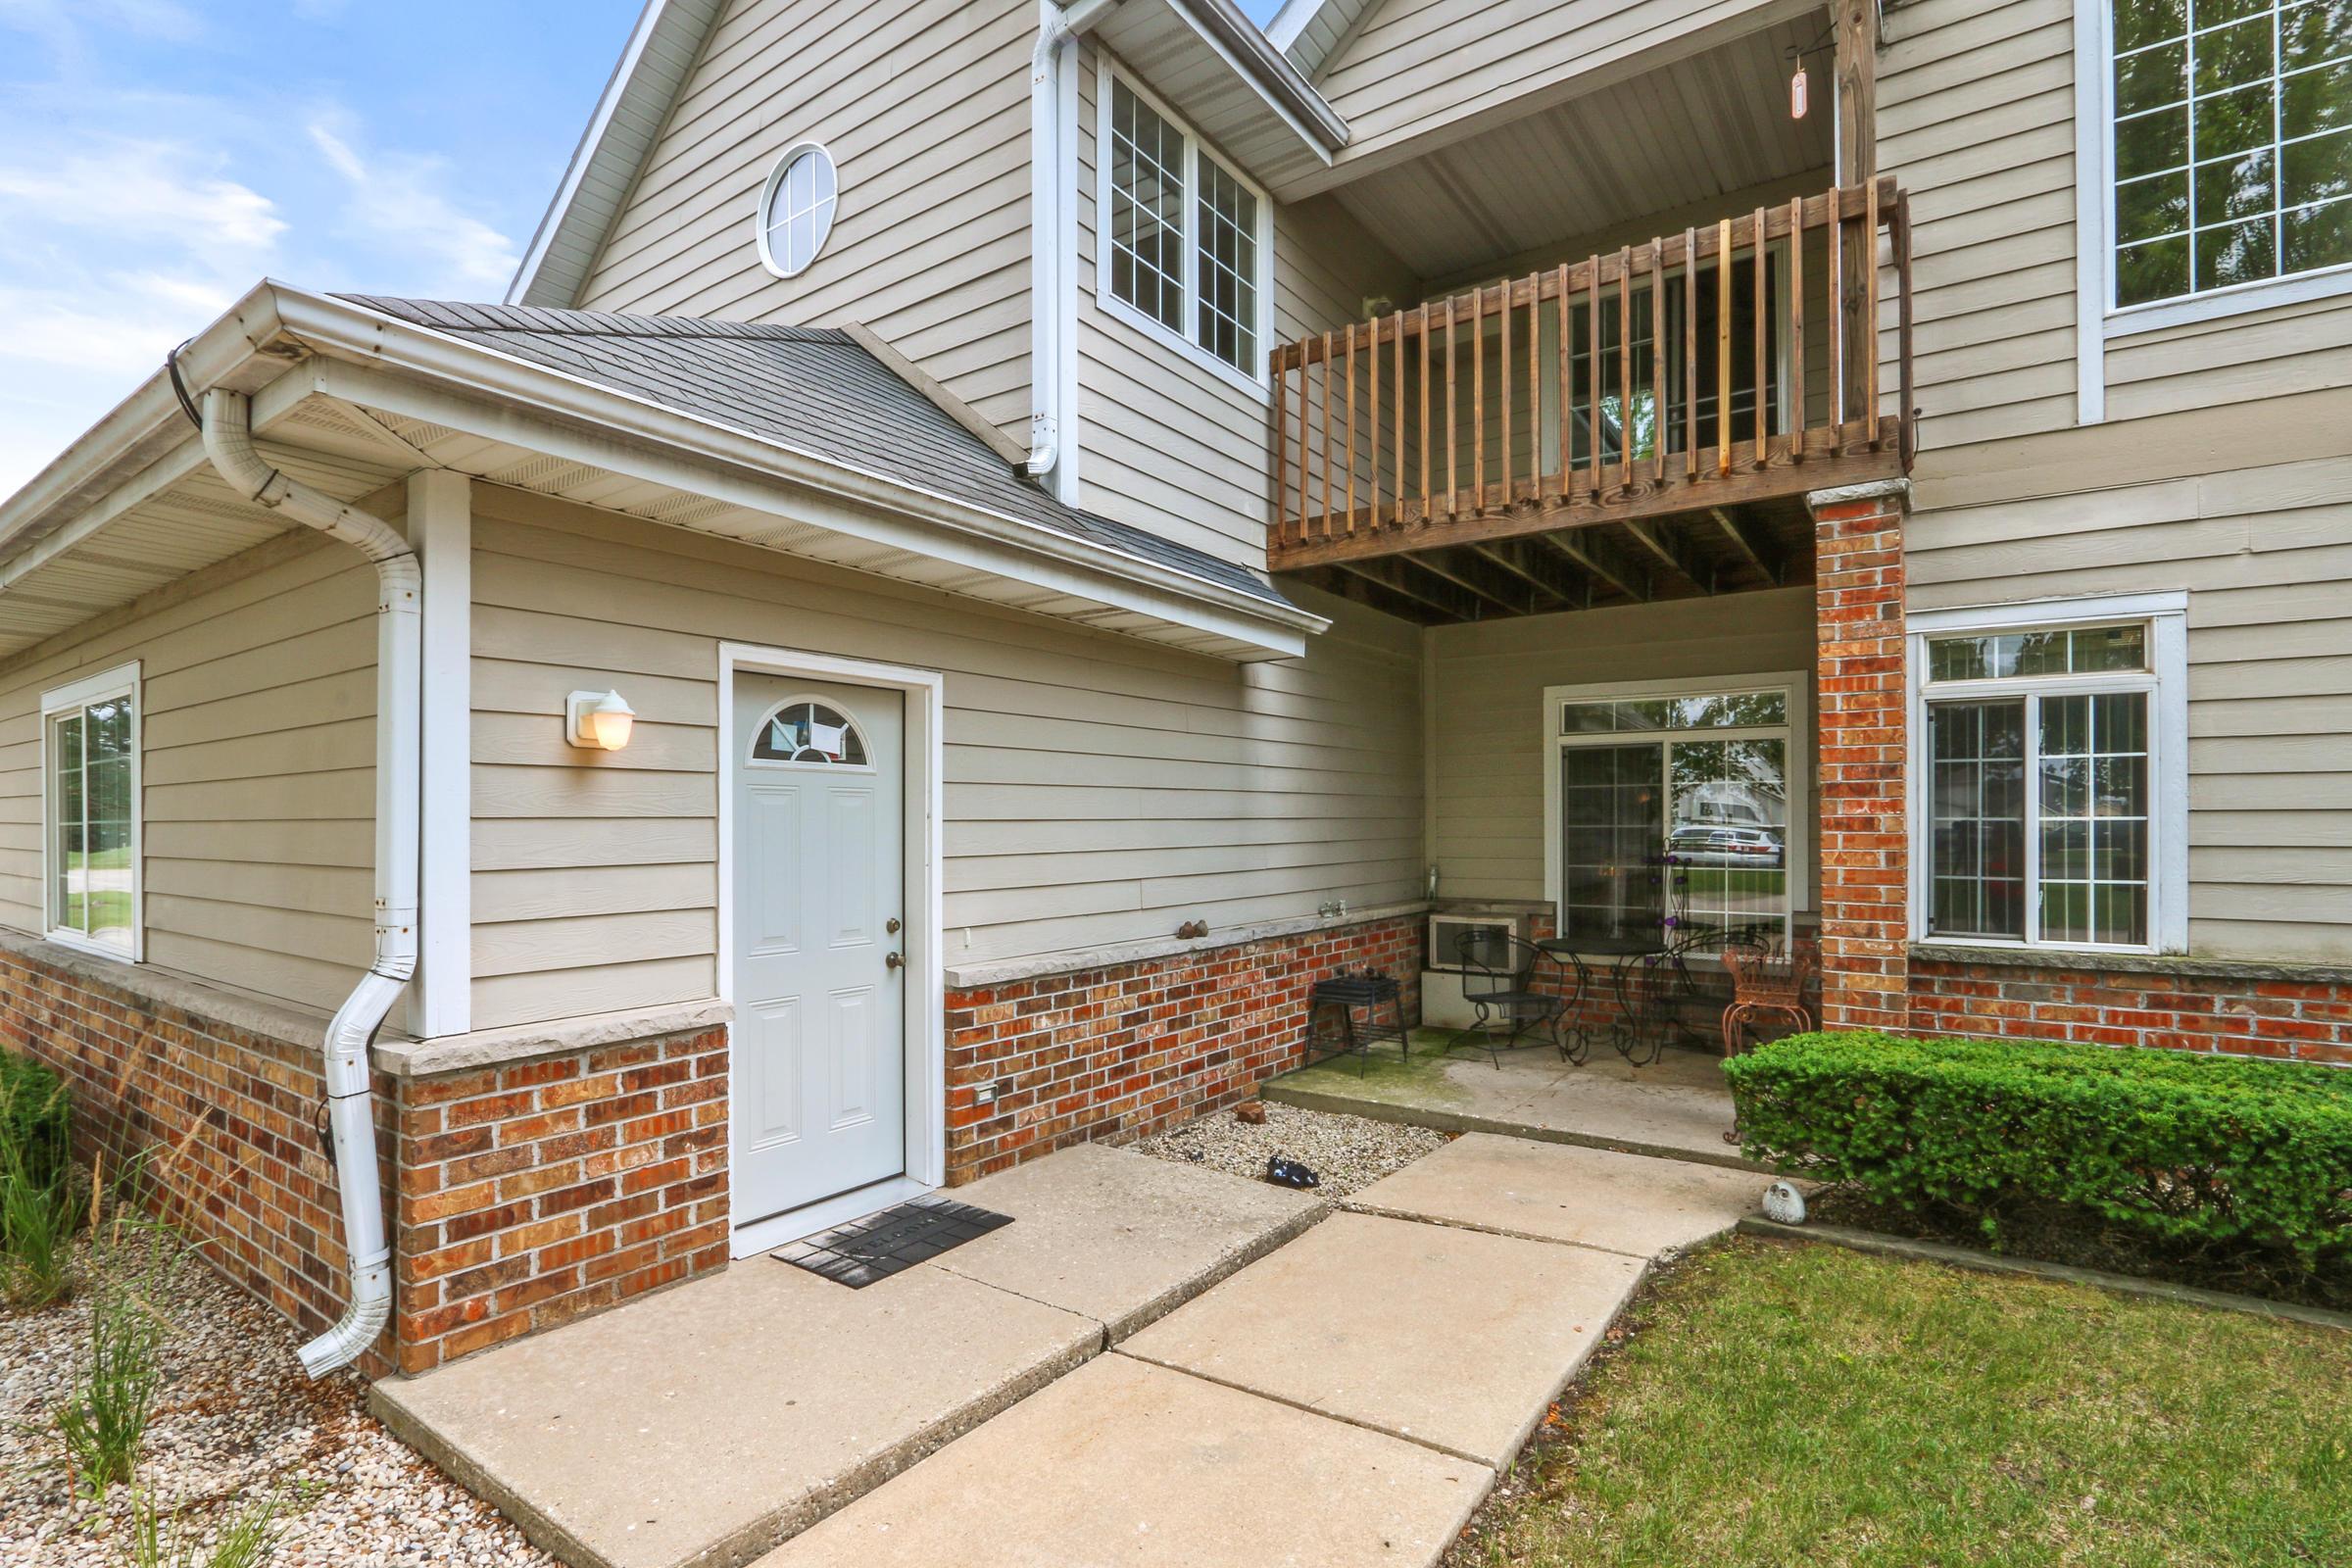 509 Lawson School Rd, Delavan, Wisconsin 53115, 2 Bedrooms Bedrooms, 6 Rooms Rooms,1 BathroomBathrooms,Condominiums,For Sale,Lawson School Rd,2,1755605